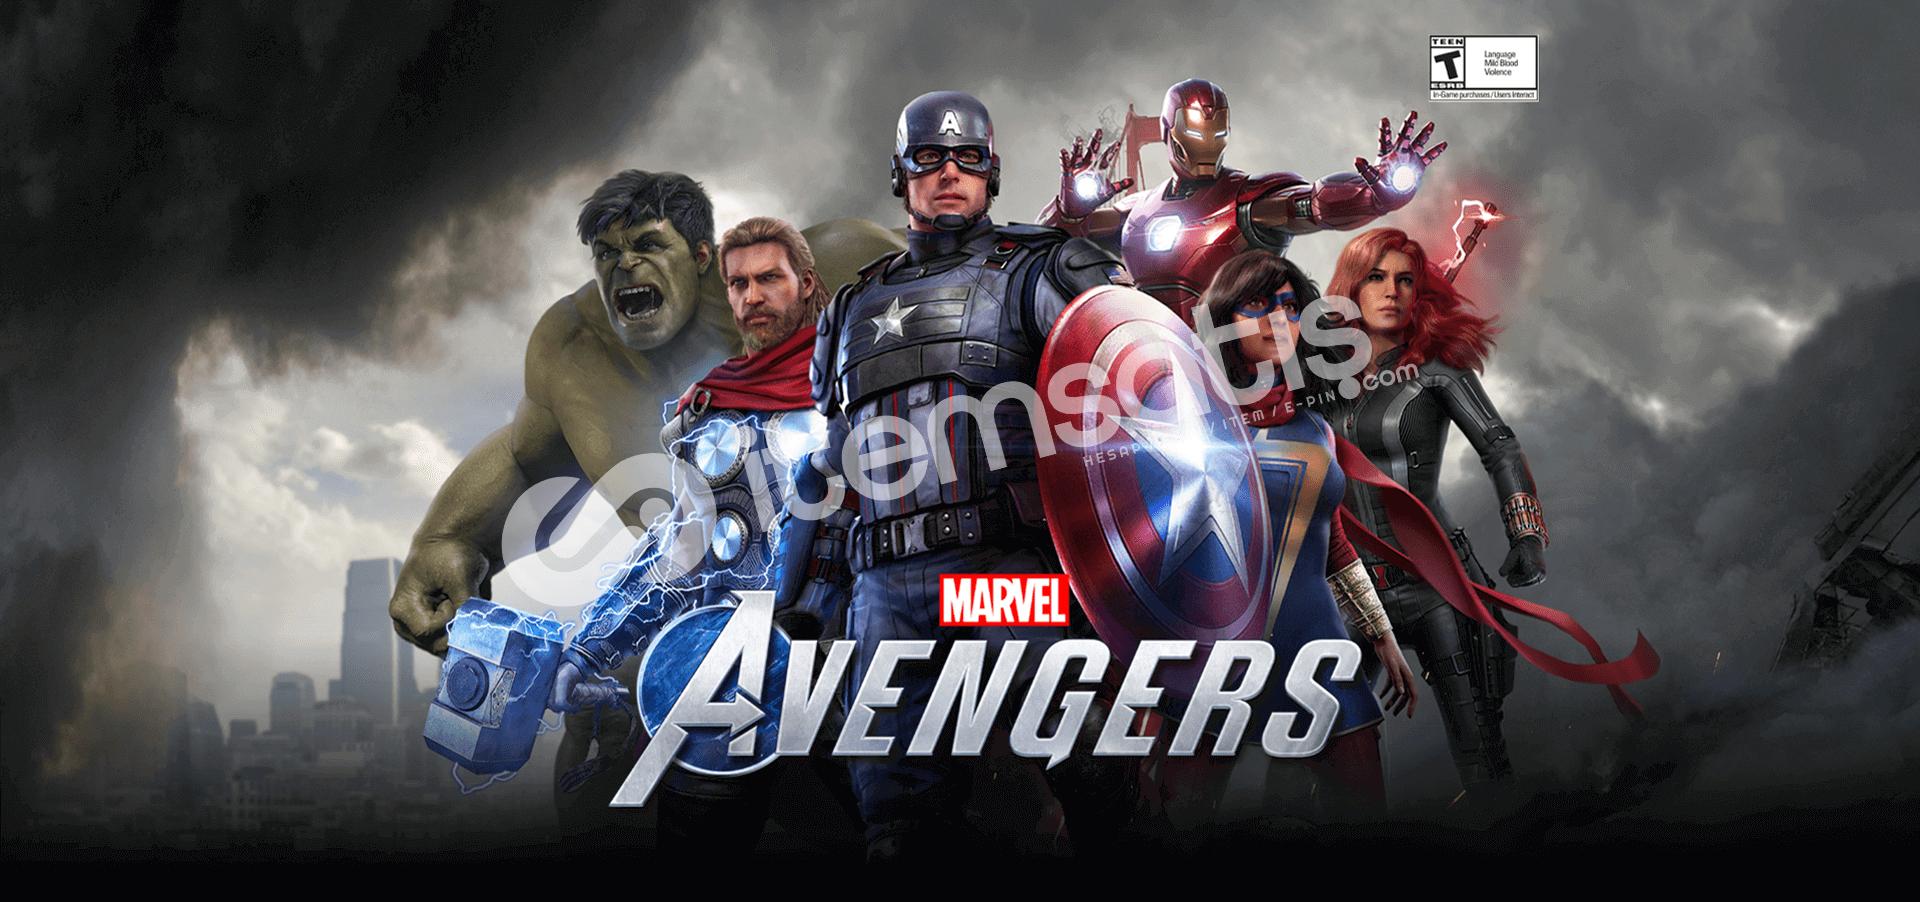 Marvels Avengers Steam!